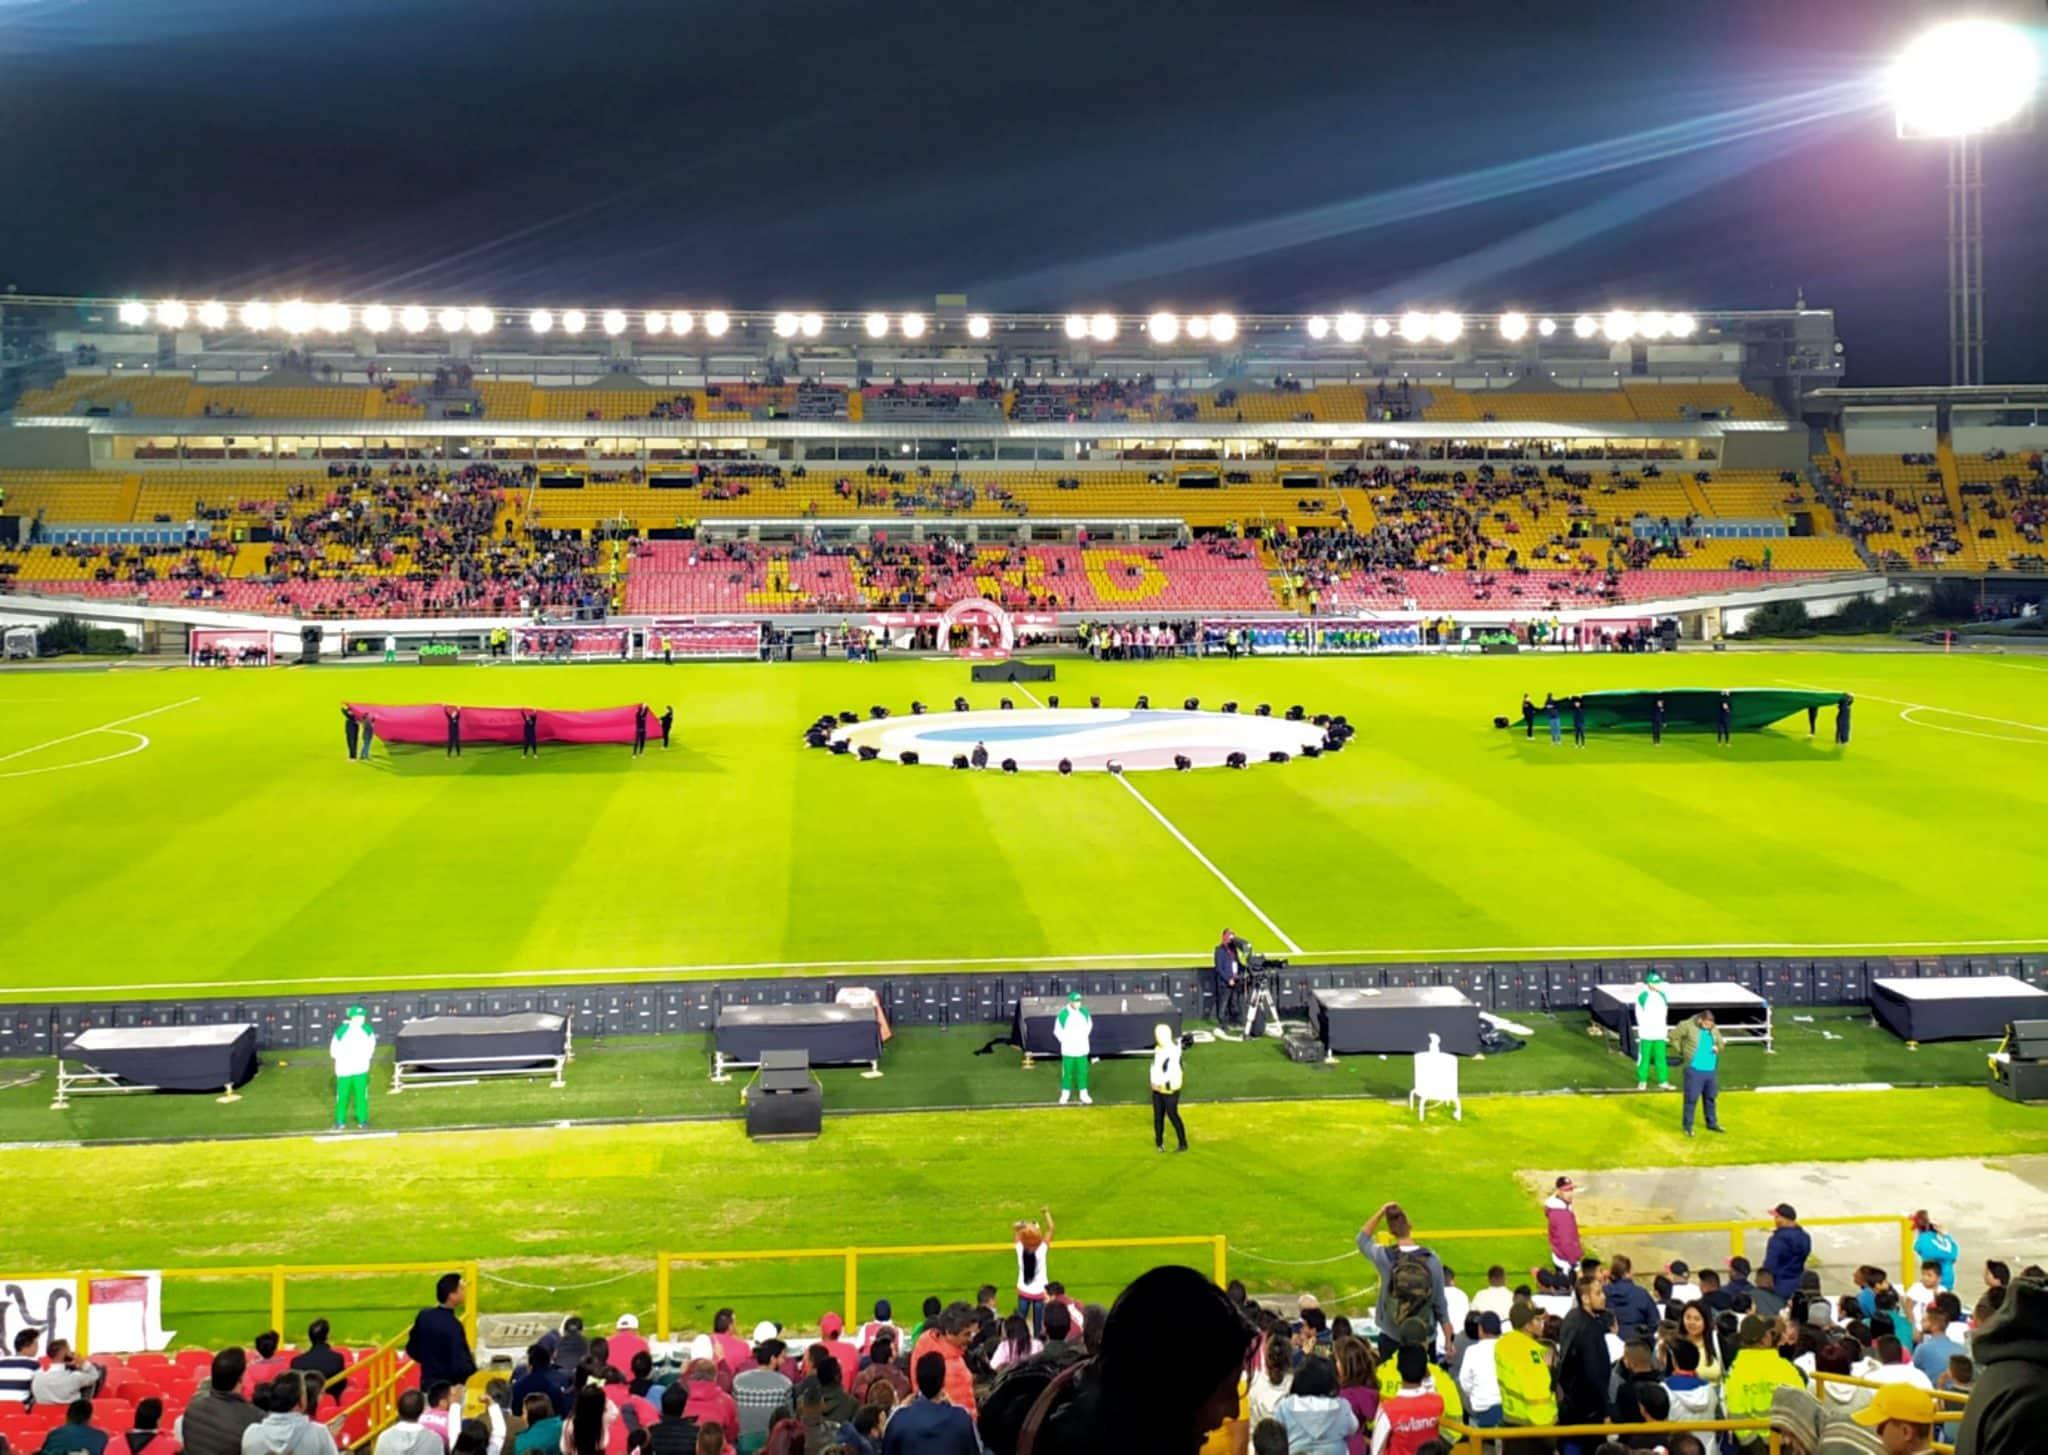 Stade Nemesio Camacho El Campín